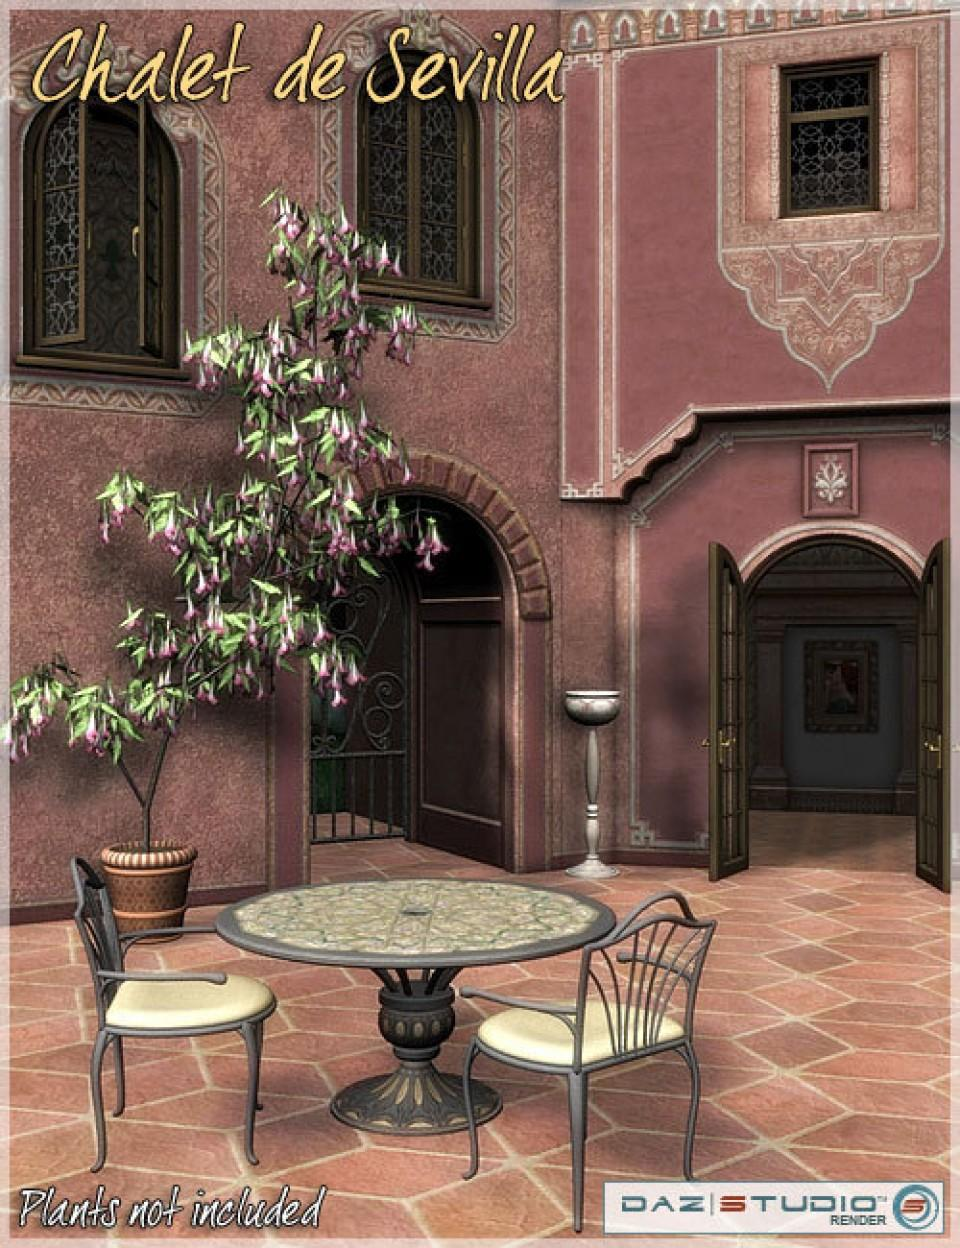 Spanish Rose -- Chalet de Sevilla